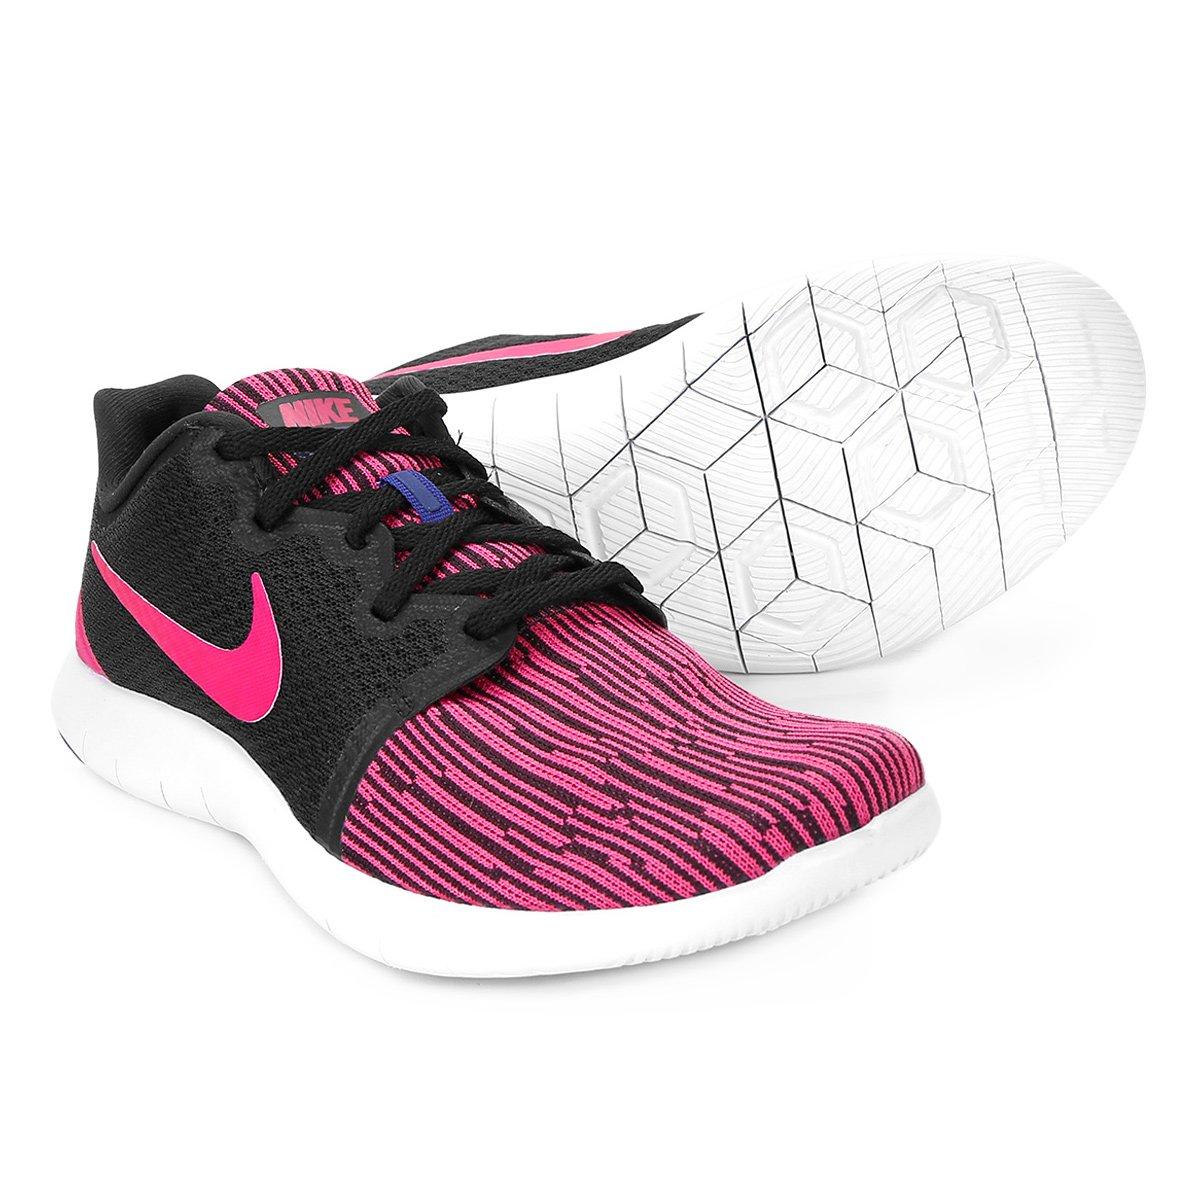 dace9a07ed3 Tênis Nike Flex Contact 2 Feminino - Preto e Rosa - Compre Agora ...